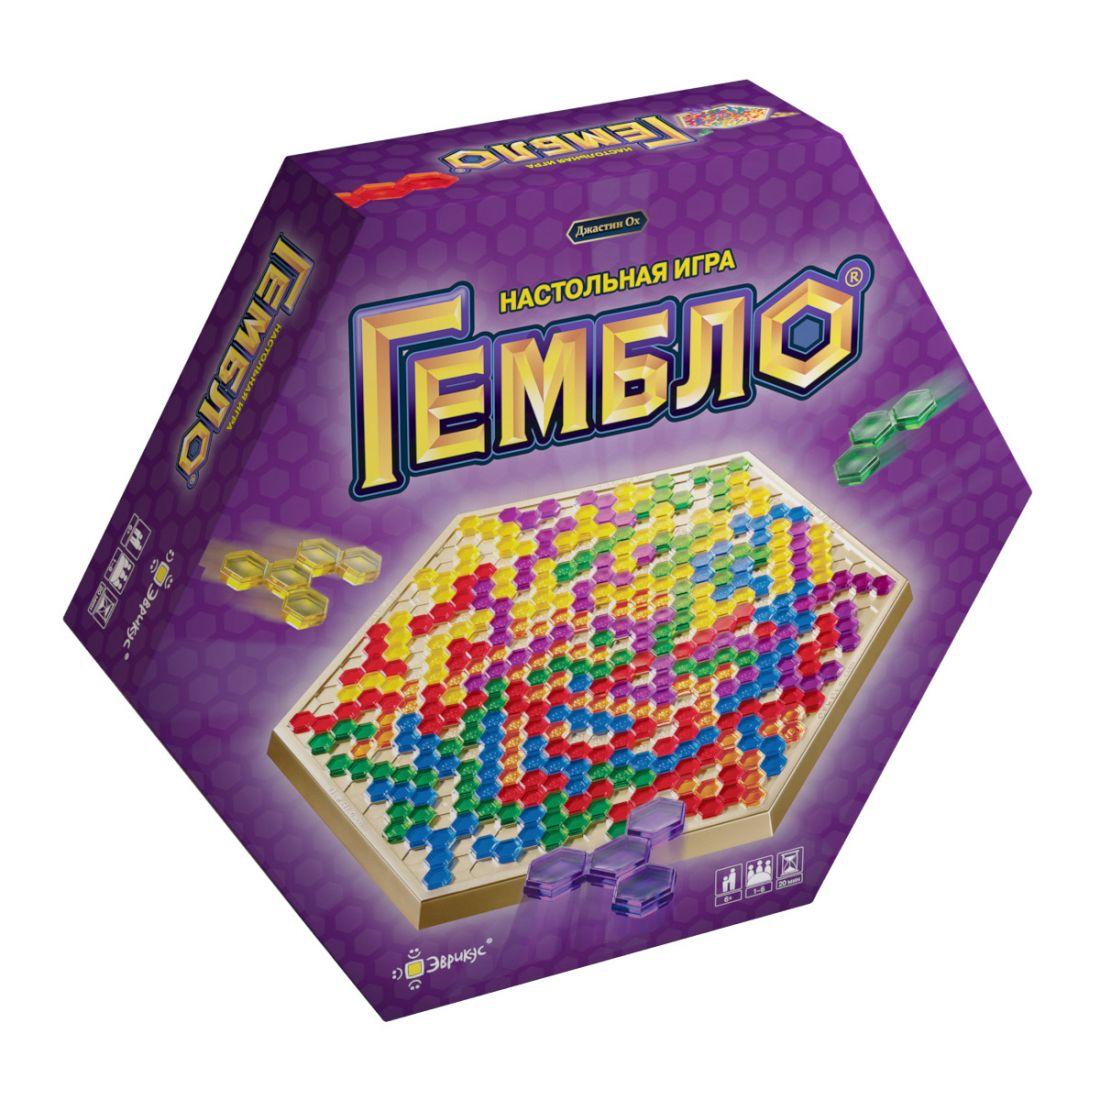 Настольная игра ЭВРИКУС PG-15001 Гембло